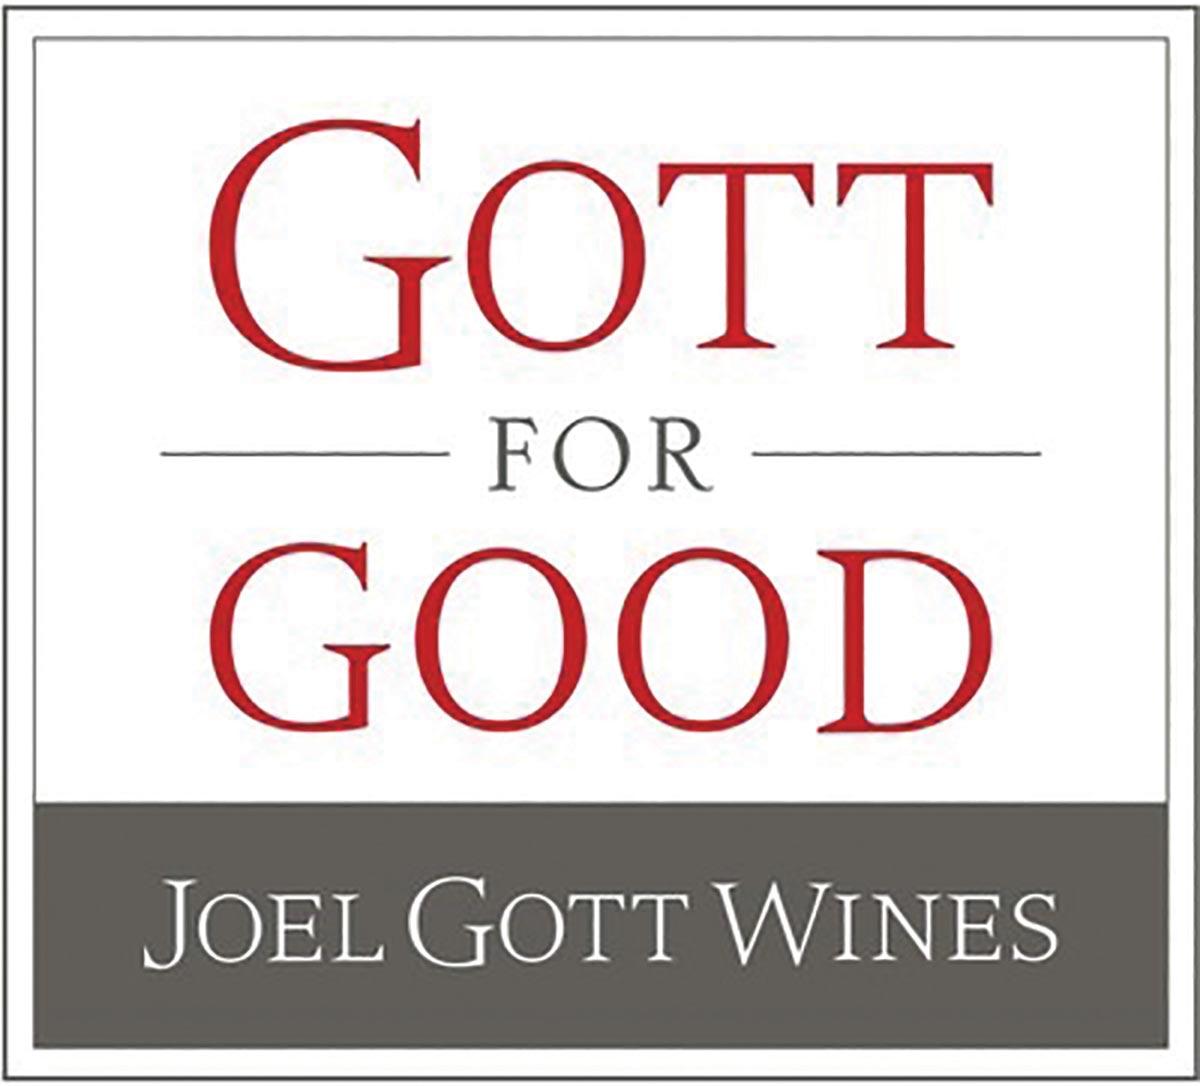 Joel Gott Wines Helps Food Banks Nationwide